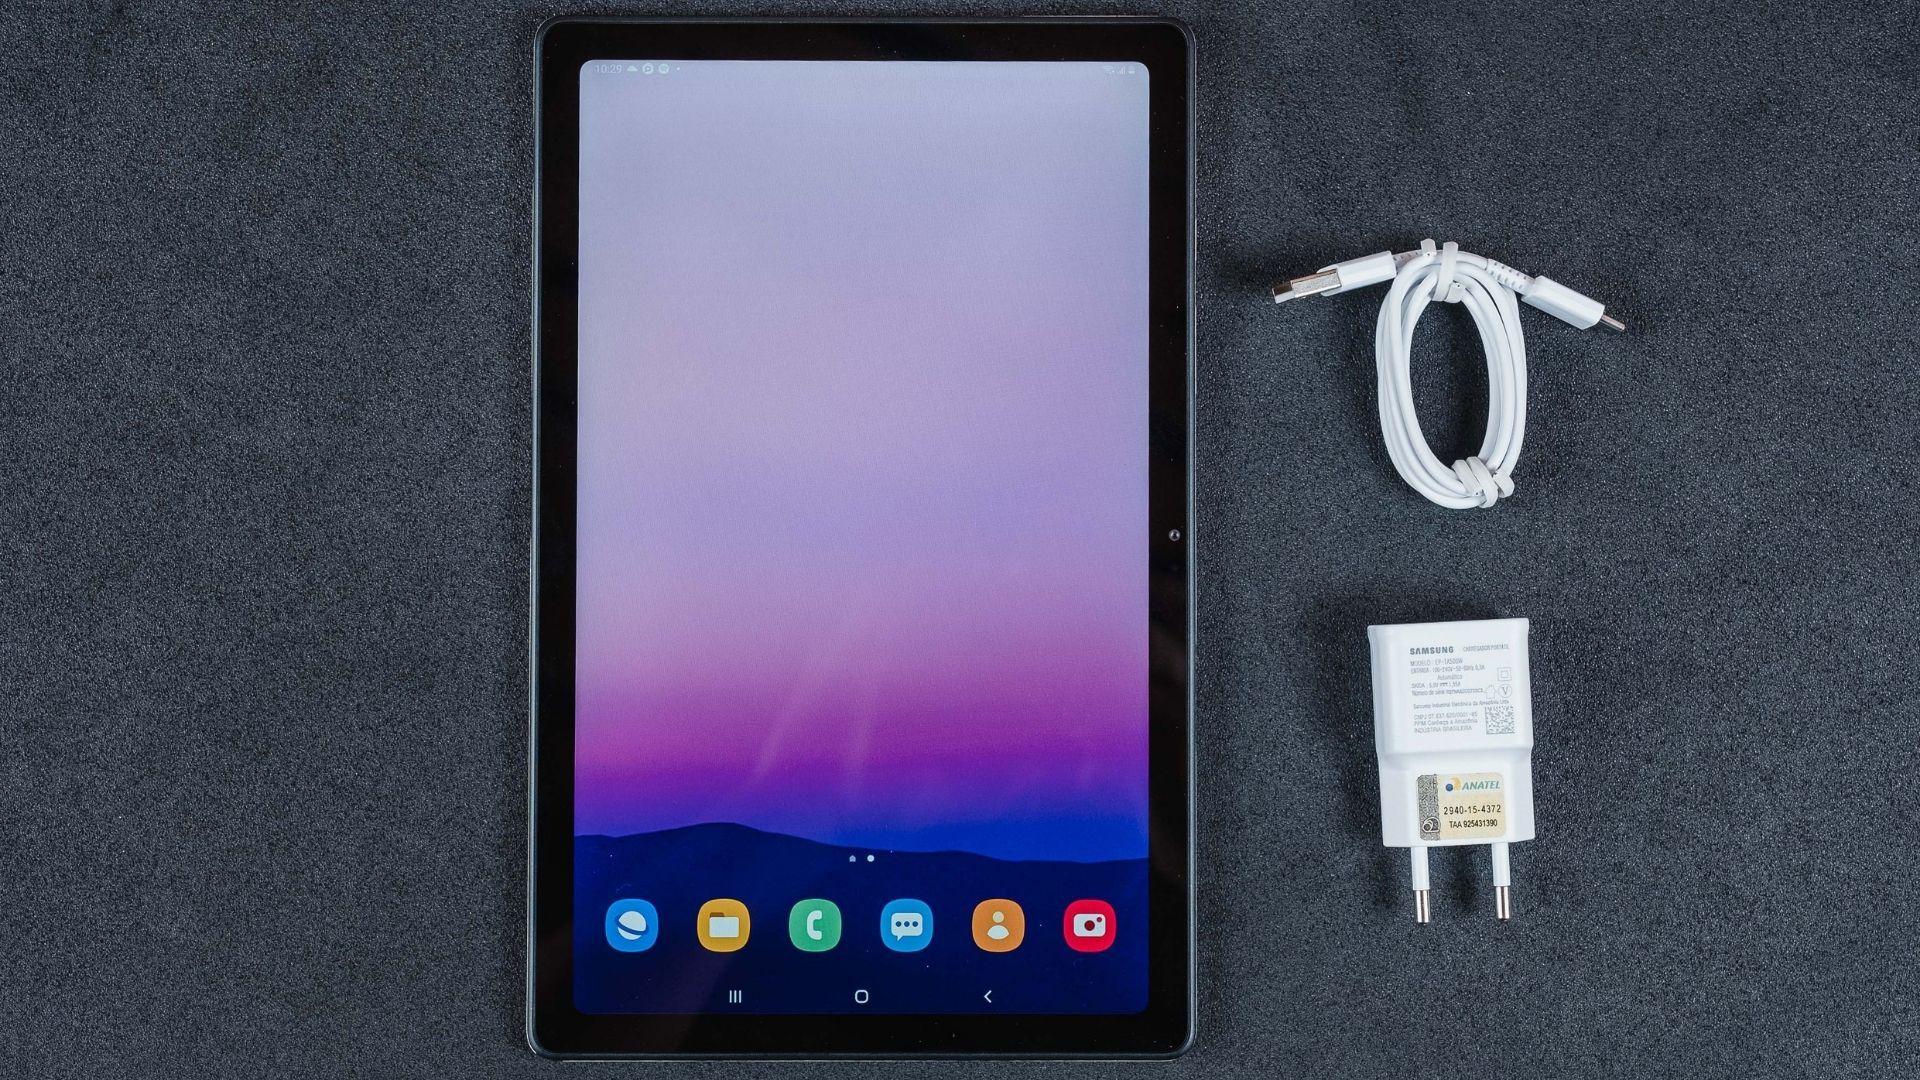 Galaxy Tab A7 em um fundo cinza com o carregador e cabo USB ao lado